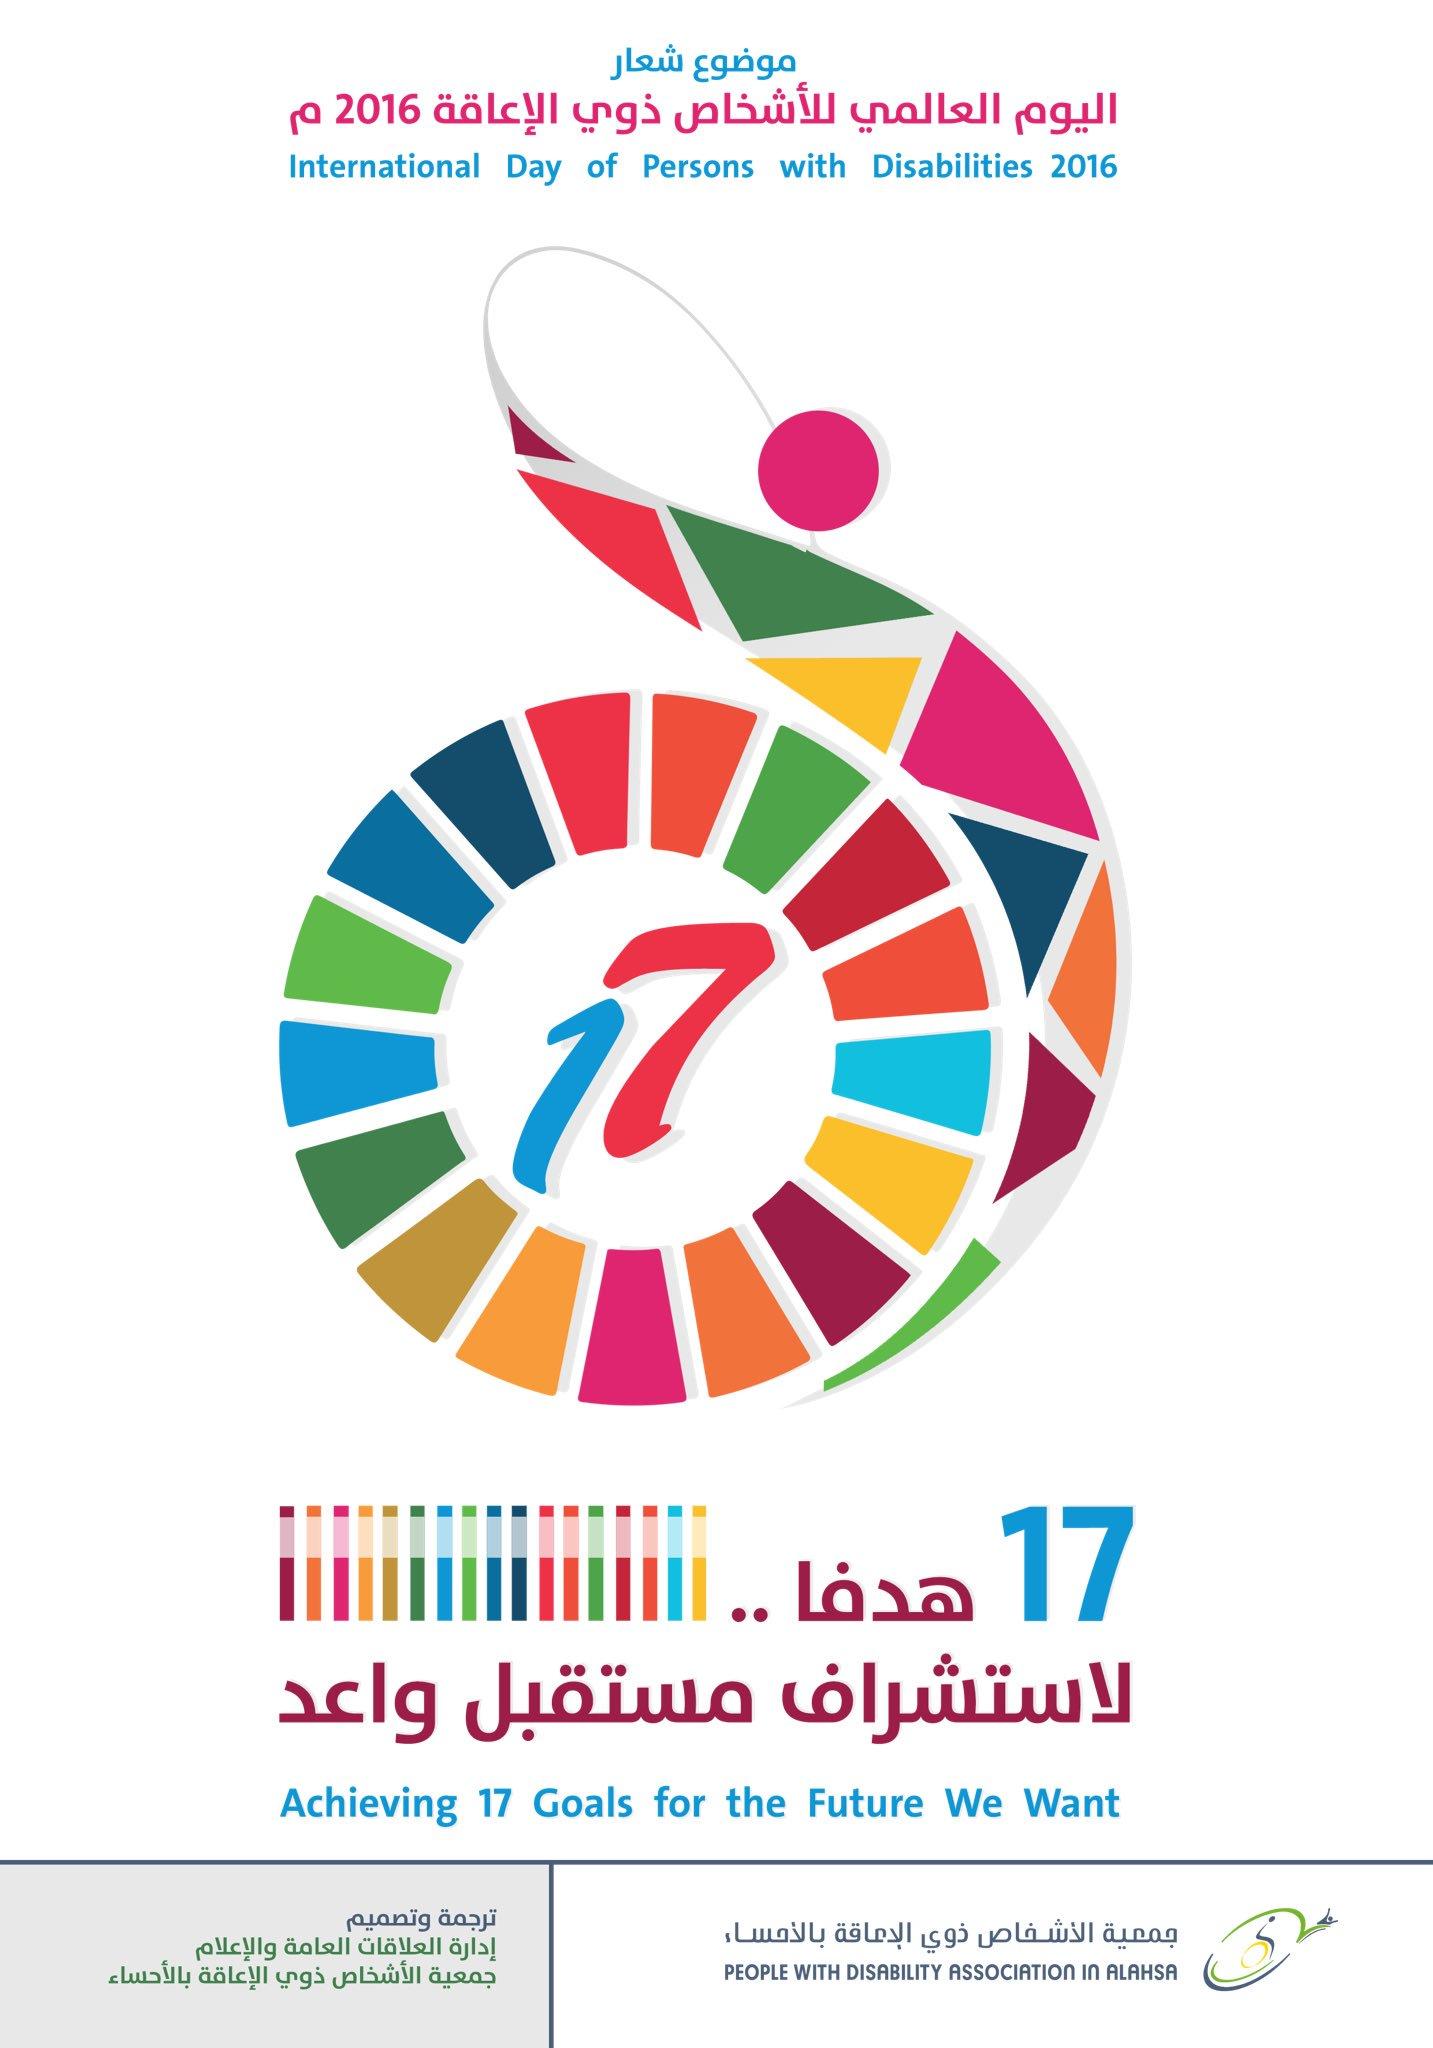 افكار لليوم العالمي للاعاقه